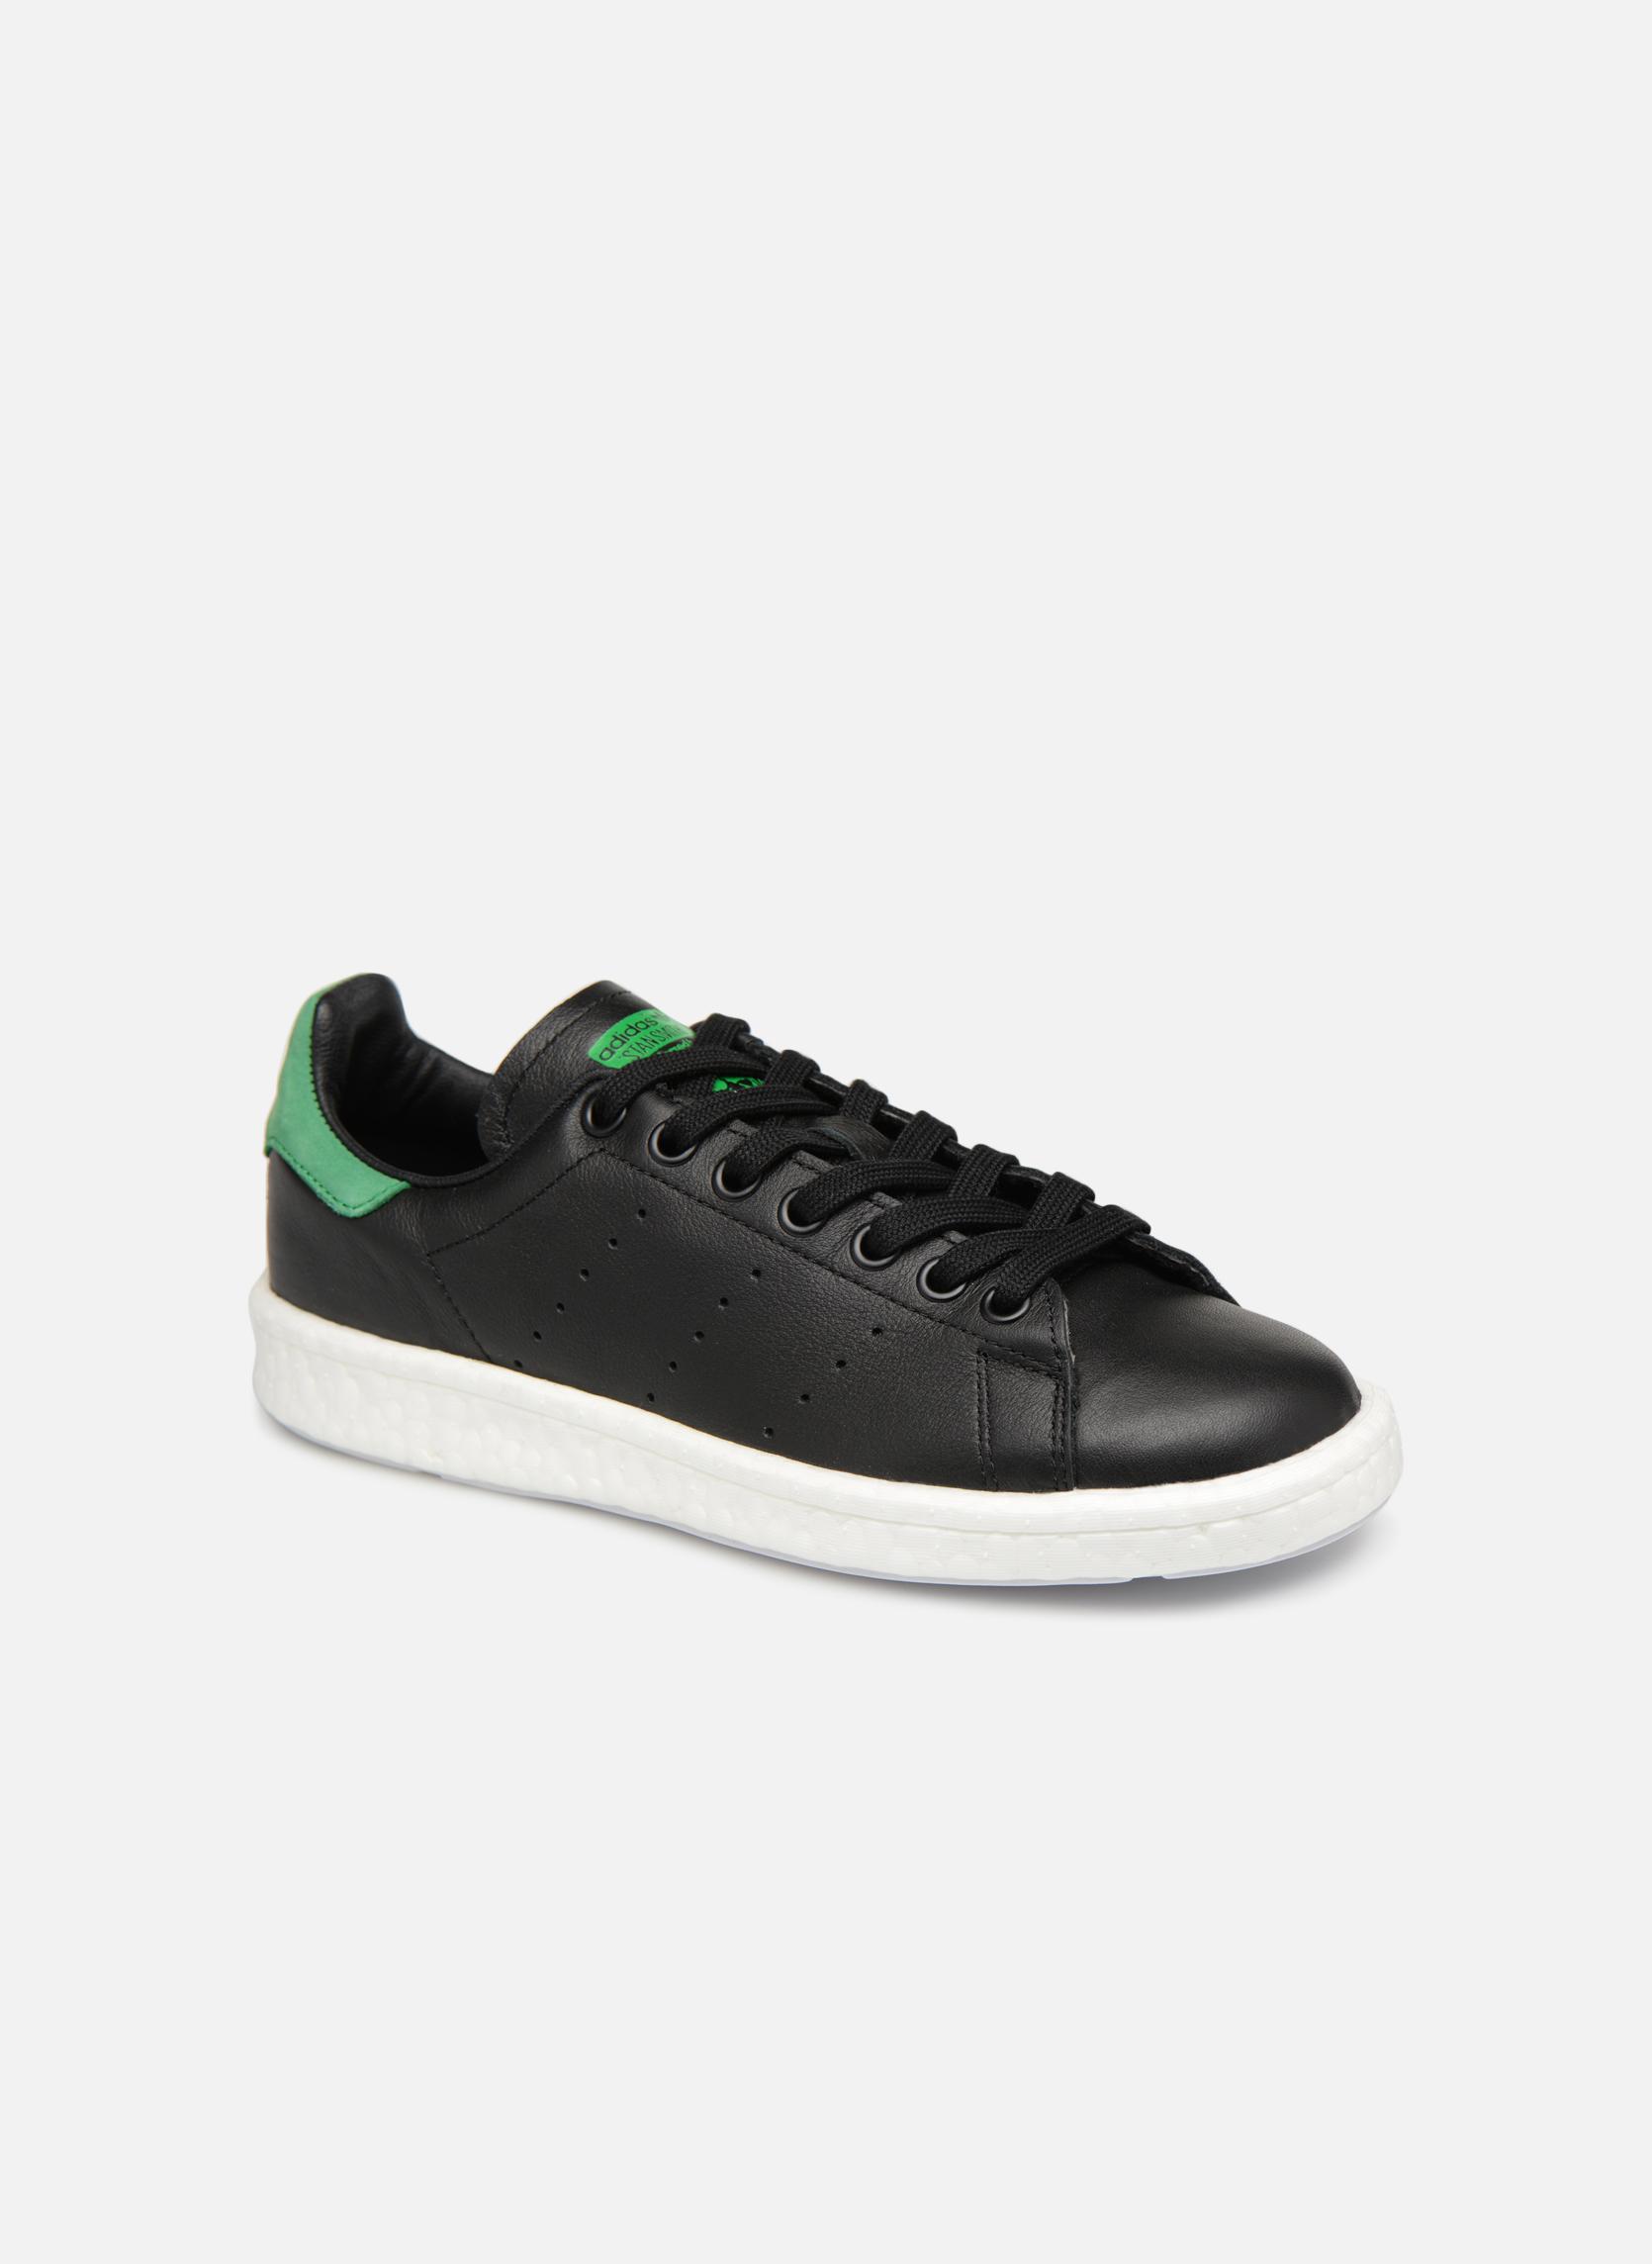 Nuevo Smith zapatos Adidas Originals Stan Smith Nuevo W (Negro) - Deportivas en Más cómodo 970307